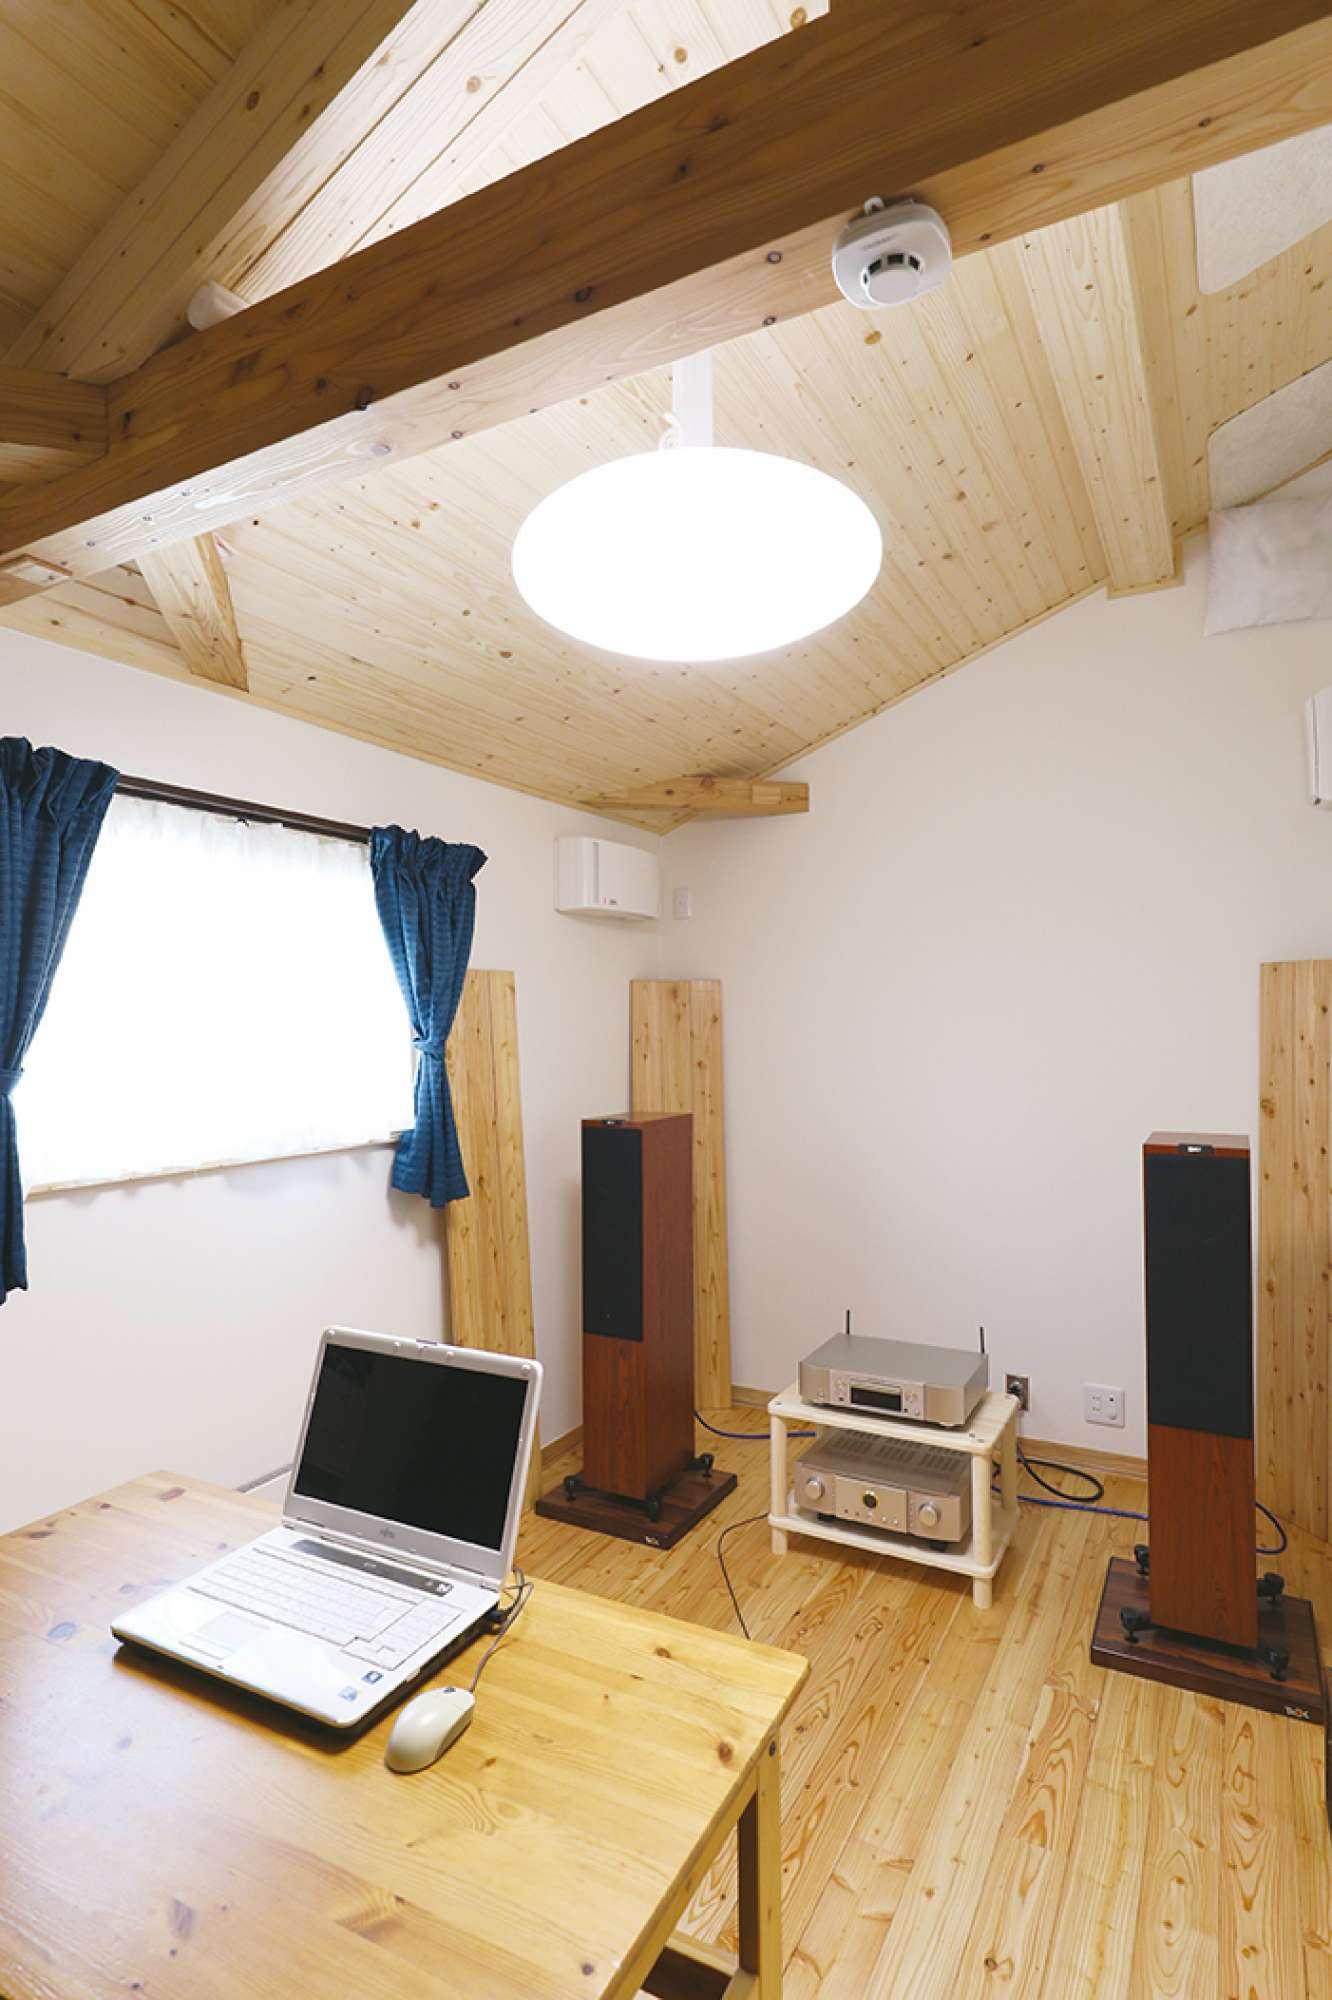 防音施工済みの快適な2階オーディオルーム -  -  -